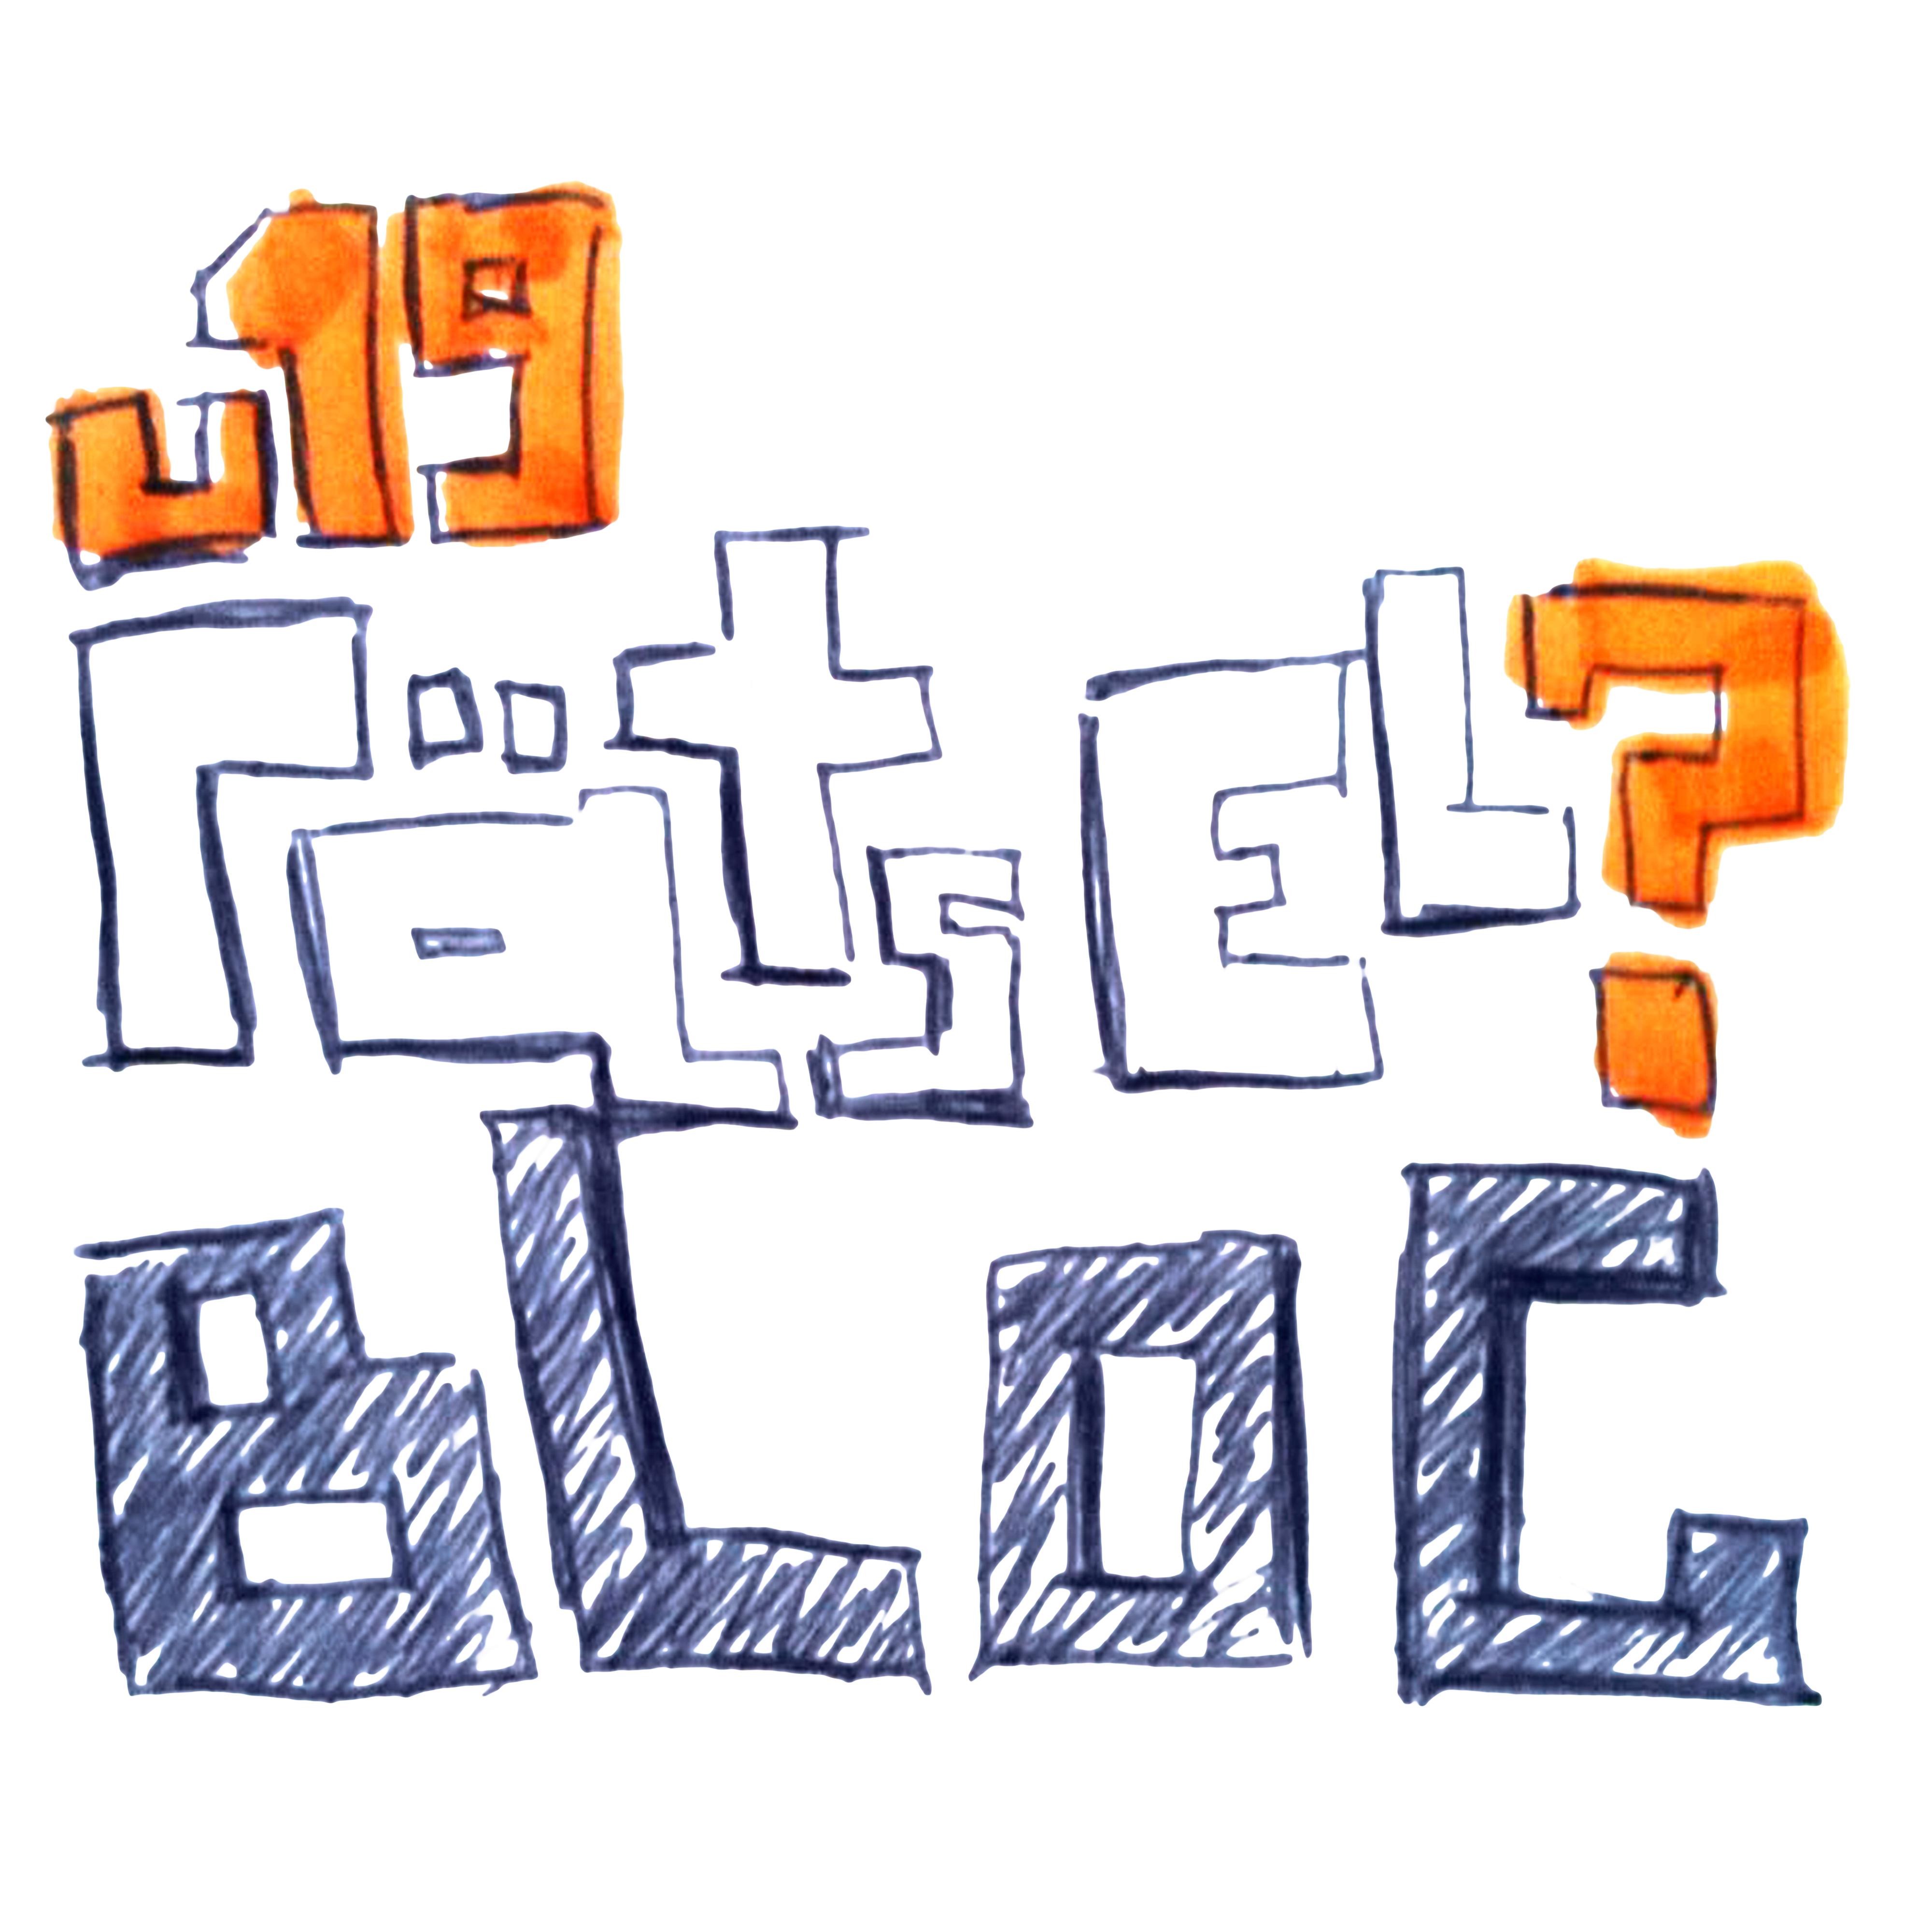 raetselblog_squared